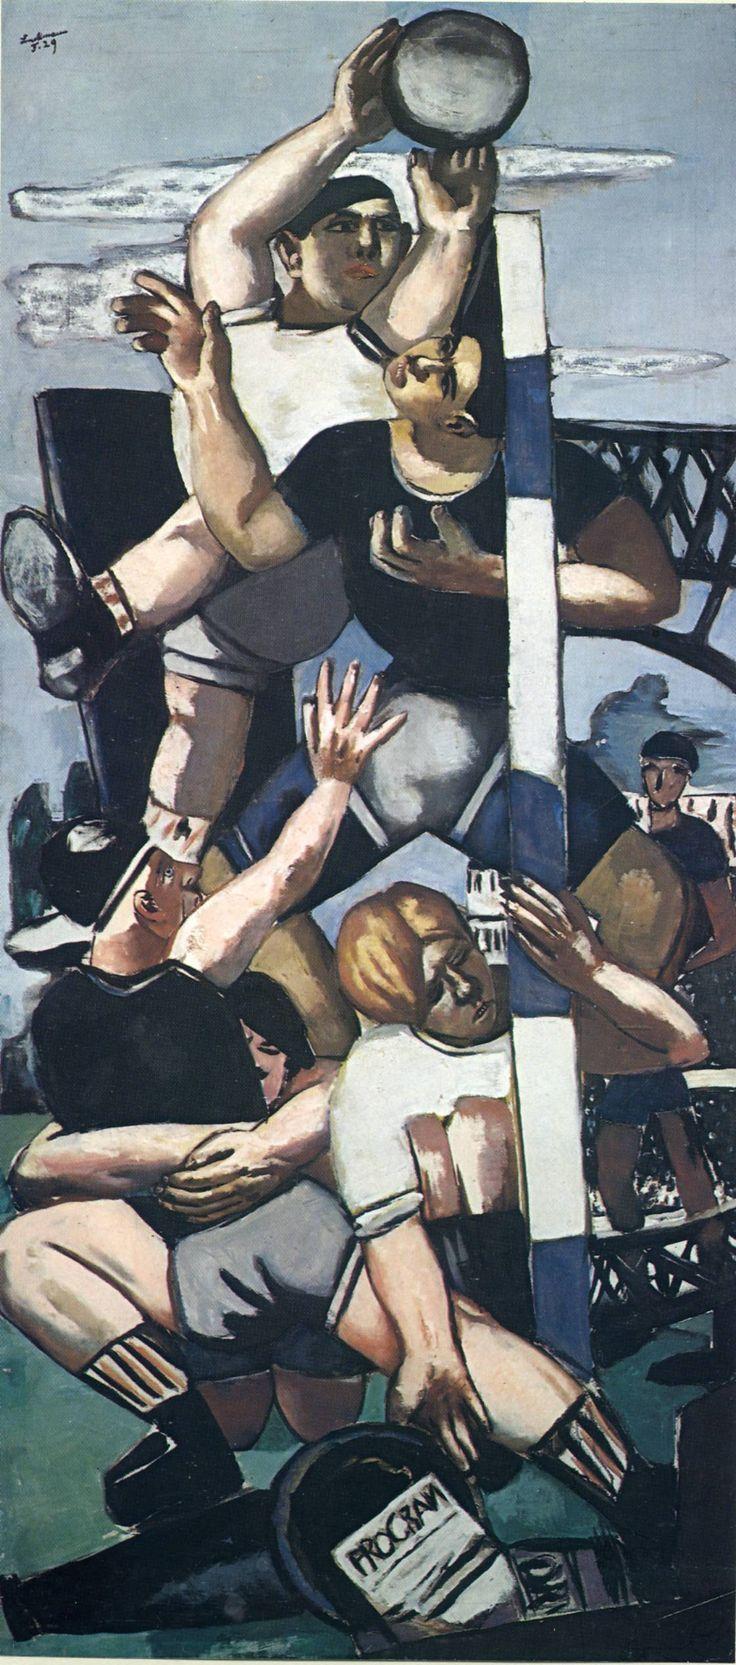 Max Beckmann ~ Rugbyspelers ~ 1929 ~ Olieverf op doek ~ Wilhelm Lehmbruckmuseum, Duisburg ~ © DACS, 2016